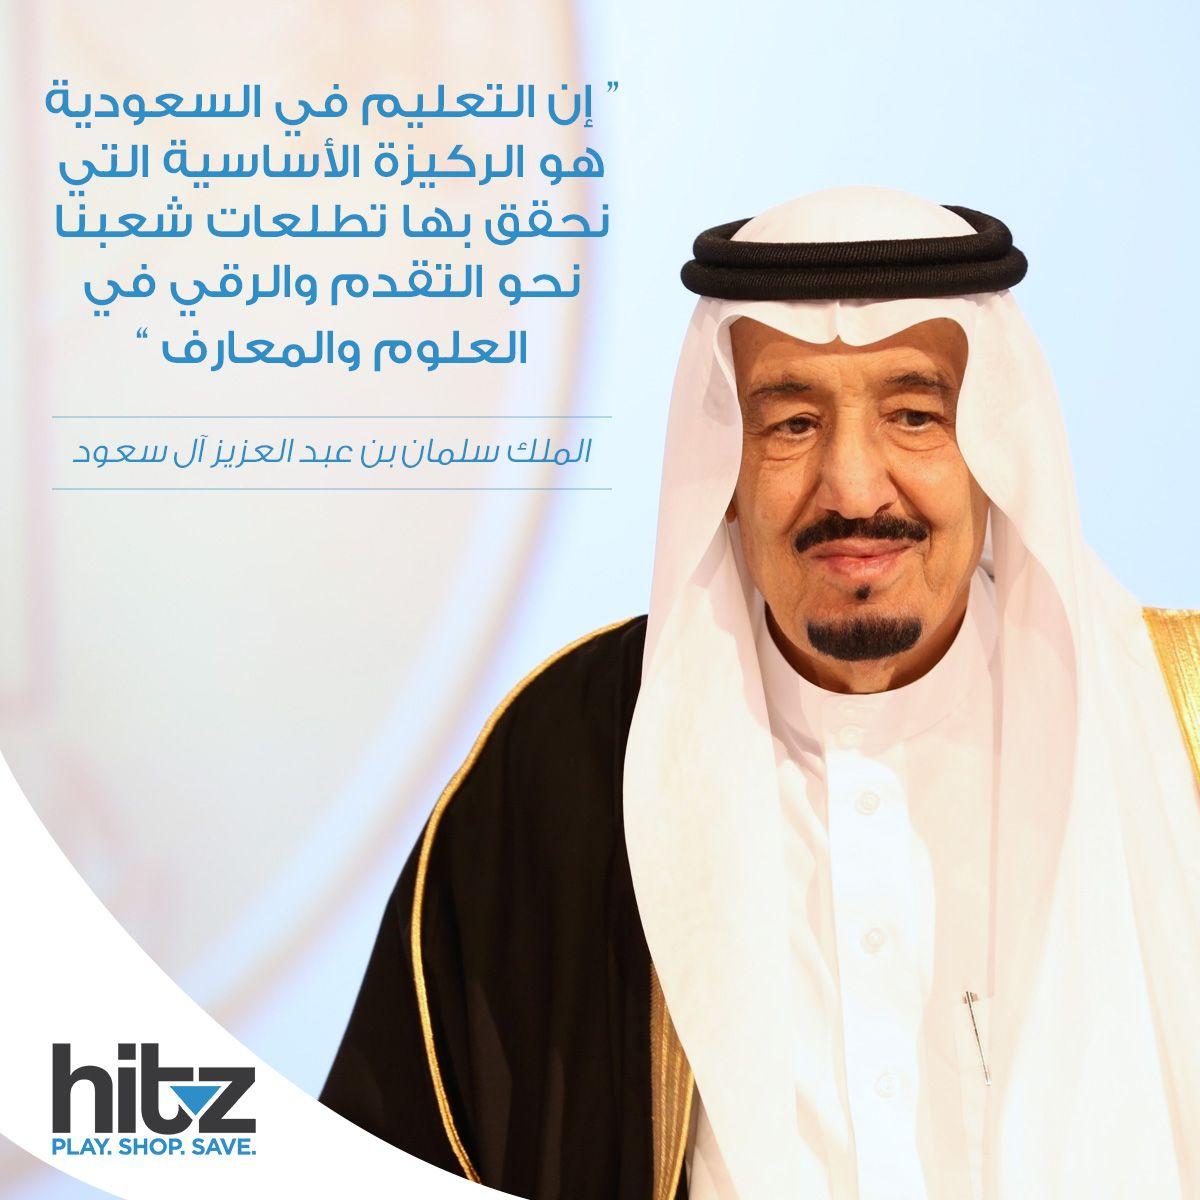 من أقوال الملك سلمان بن عبد العزيز آل سعود السعودية Quotes Photo Captain